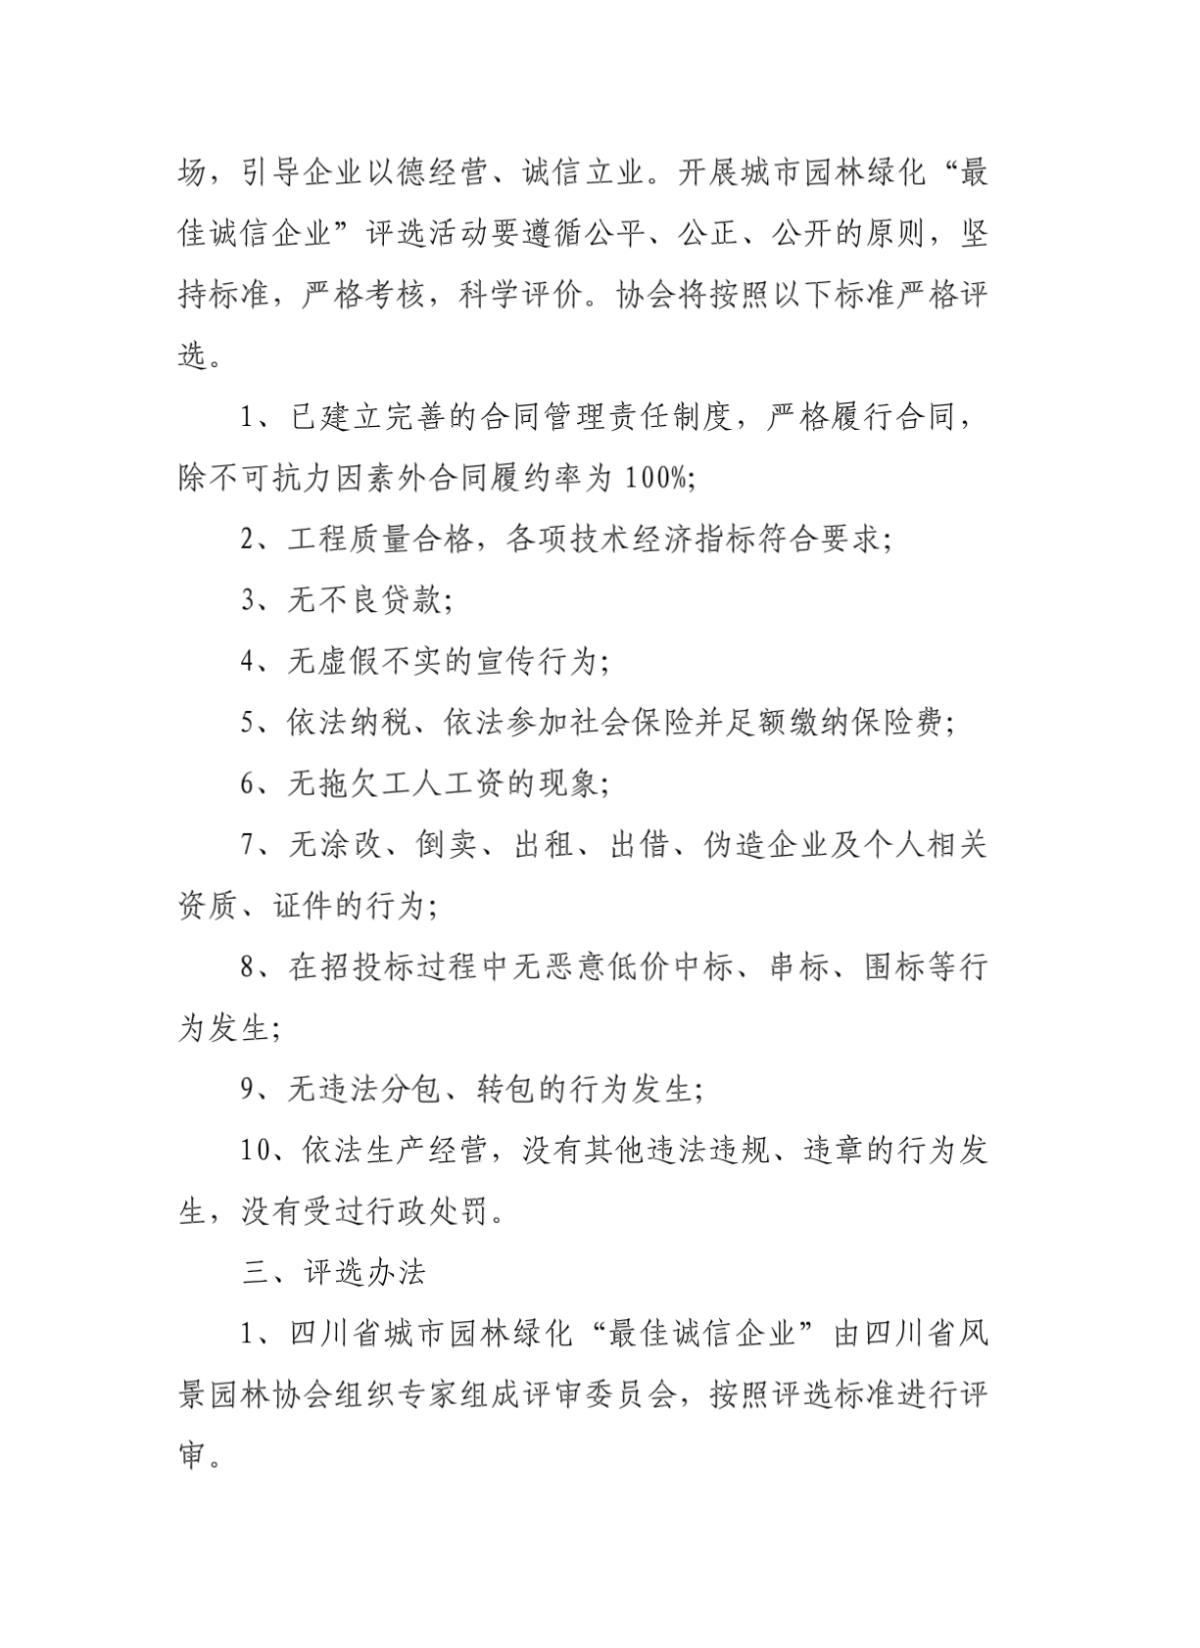 四川省城市园林绿化最佳诚信企业评选办法-图一